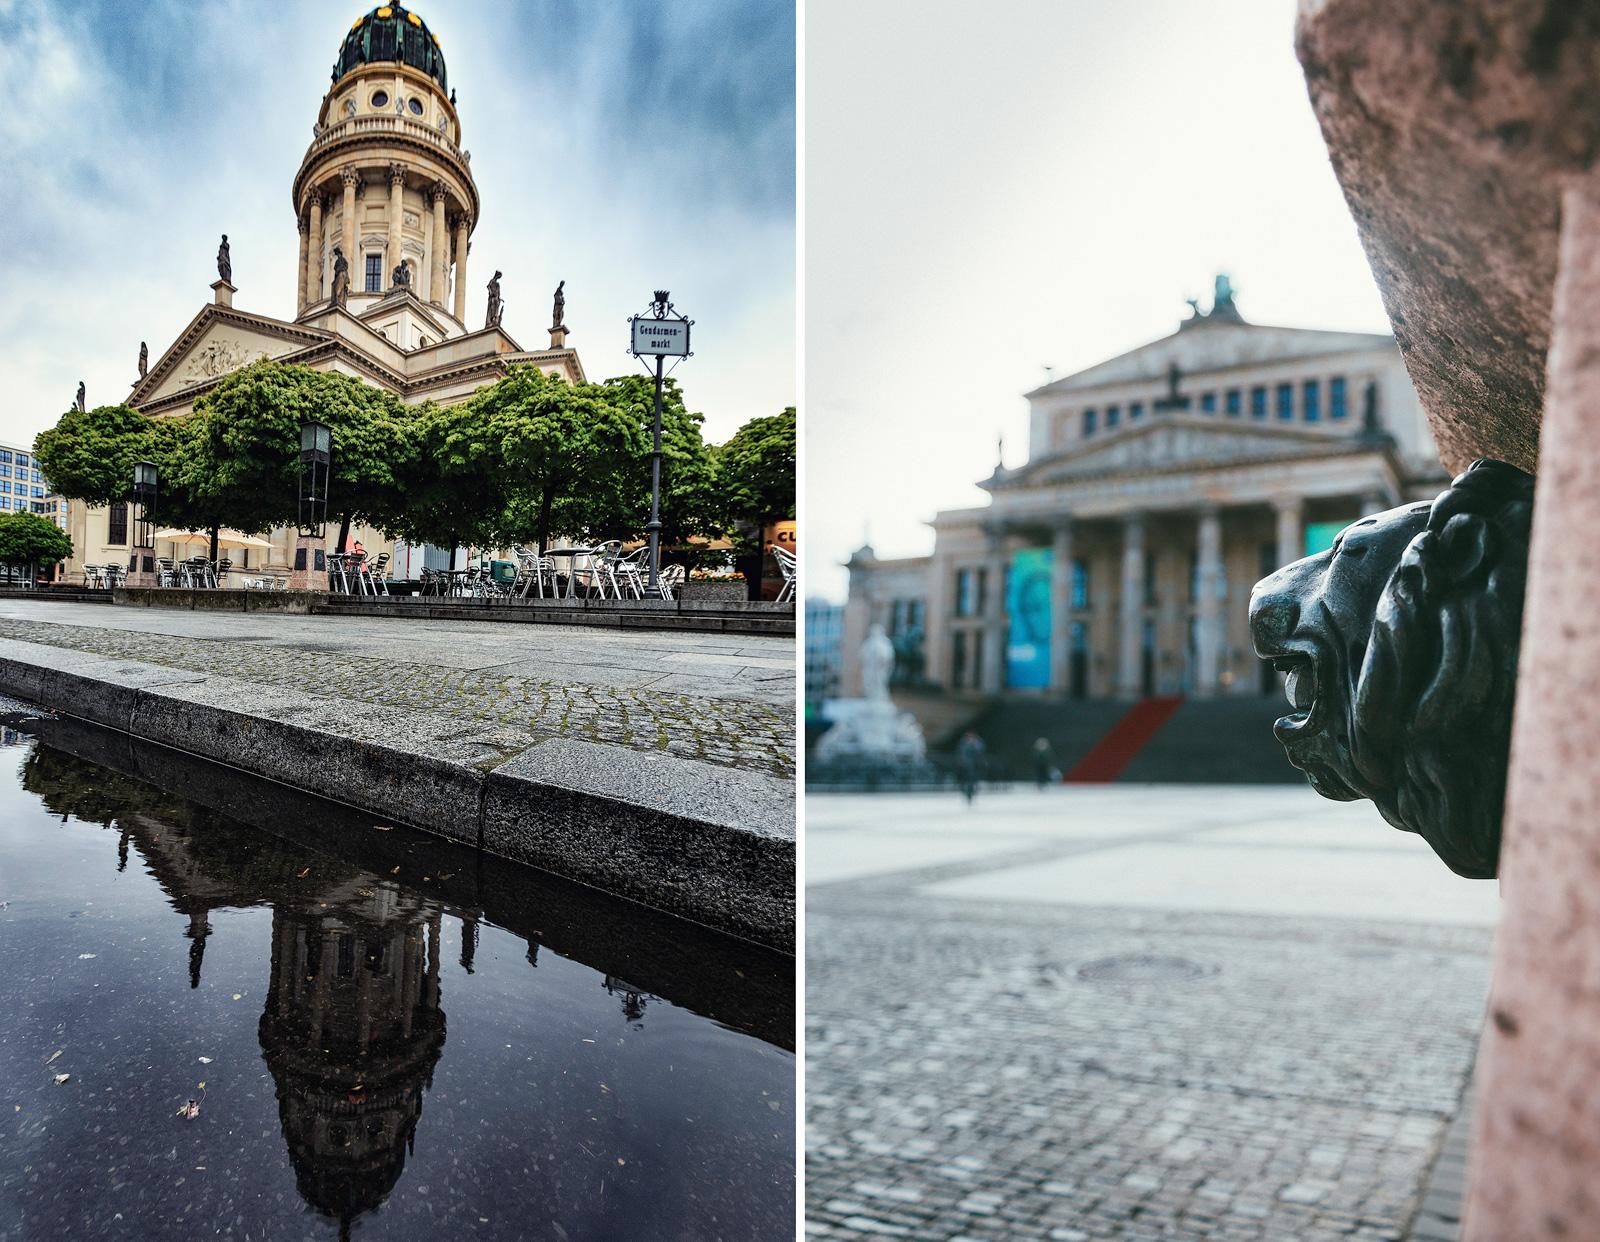 Deutscher Dom und Detailaufnahme am Gendarmenmarkt Berlin.